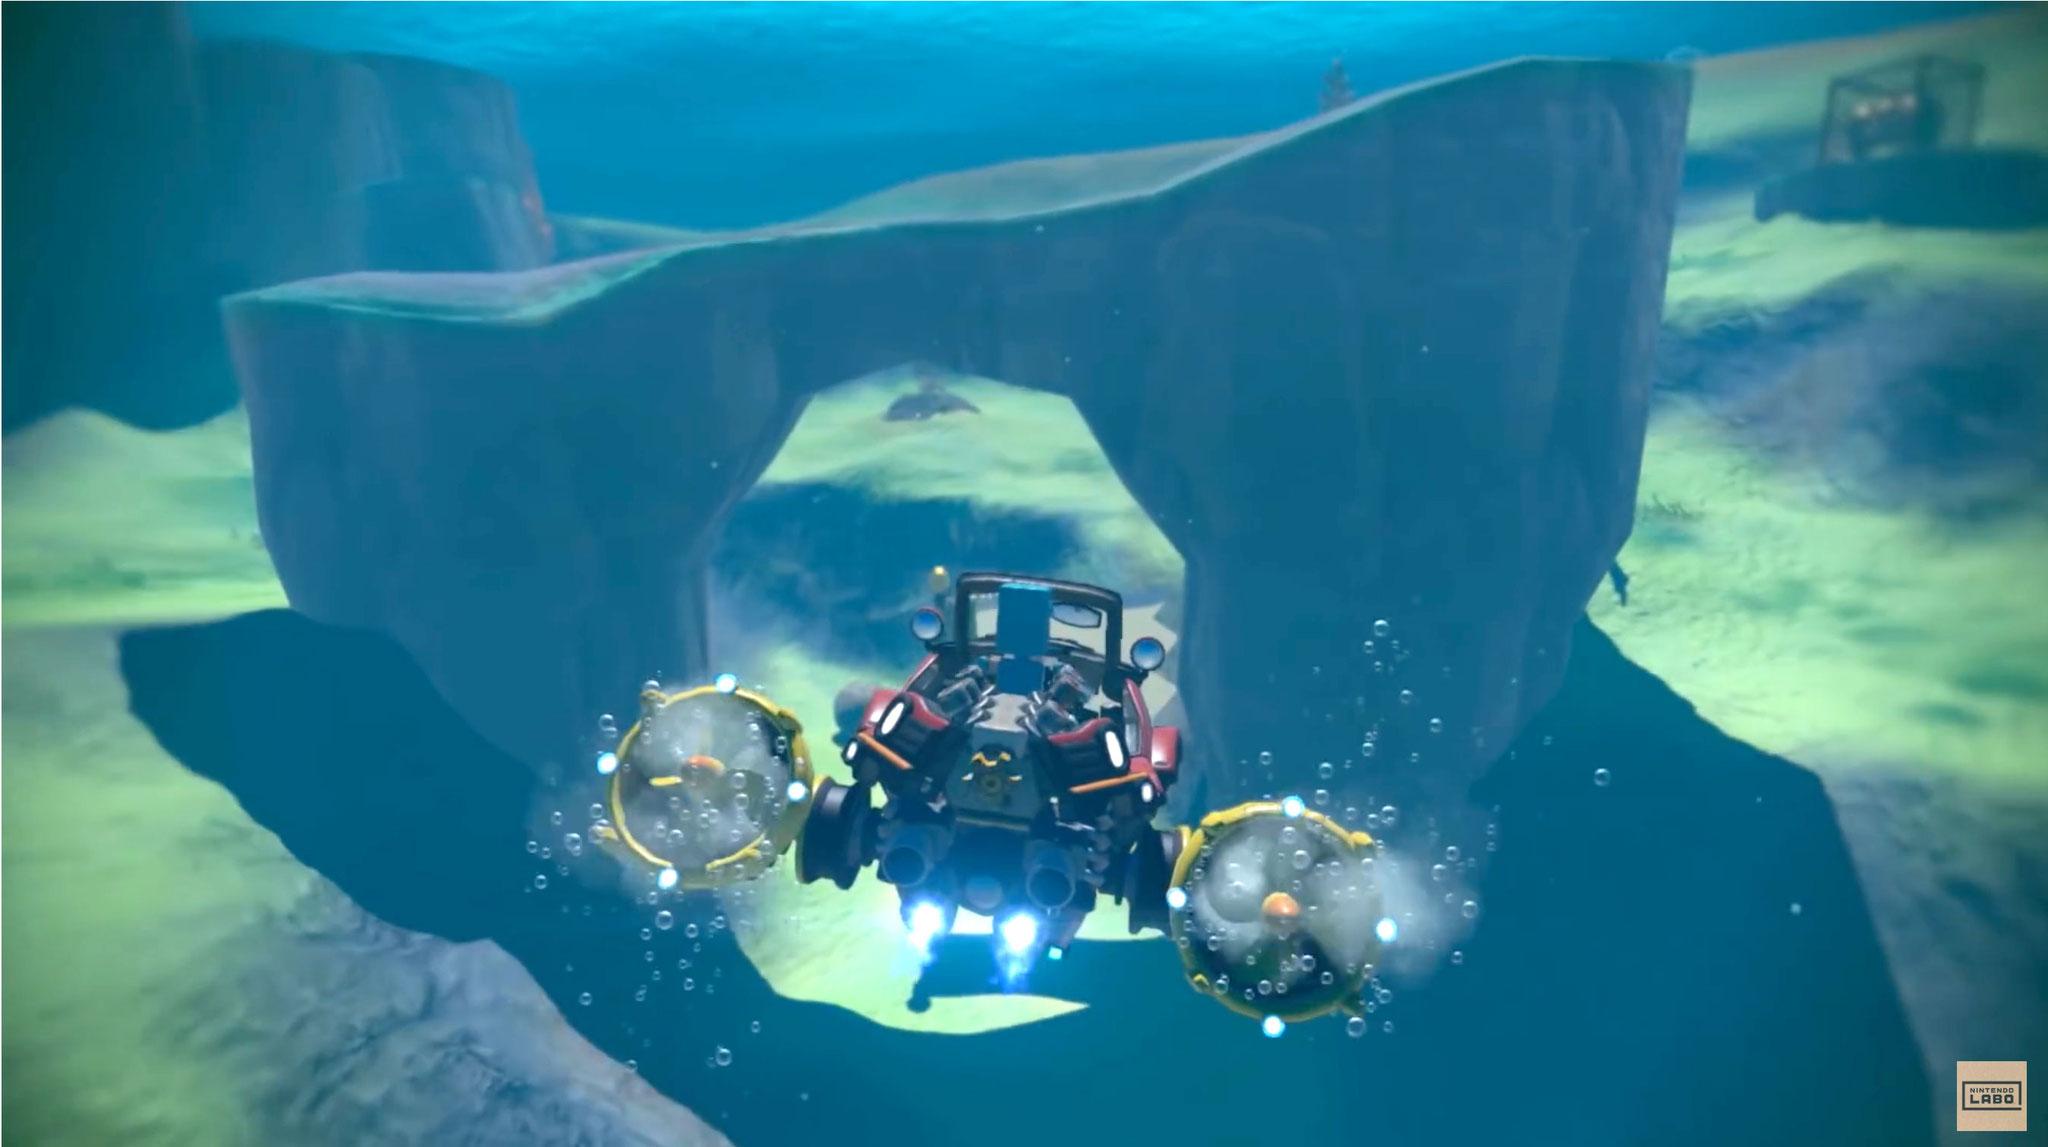 ... oder unter Wasser manövriert. Einem ersten Video zufolge scheint sogar ein Zweispieler-Modus vorgesehen zu sein.